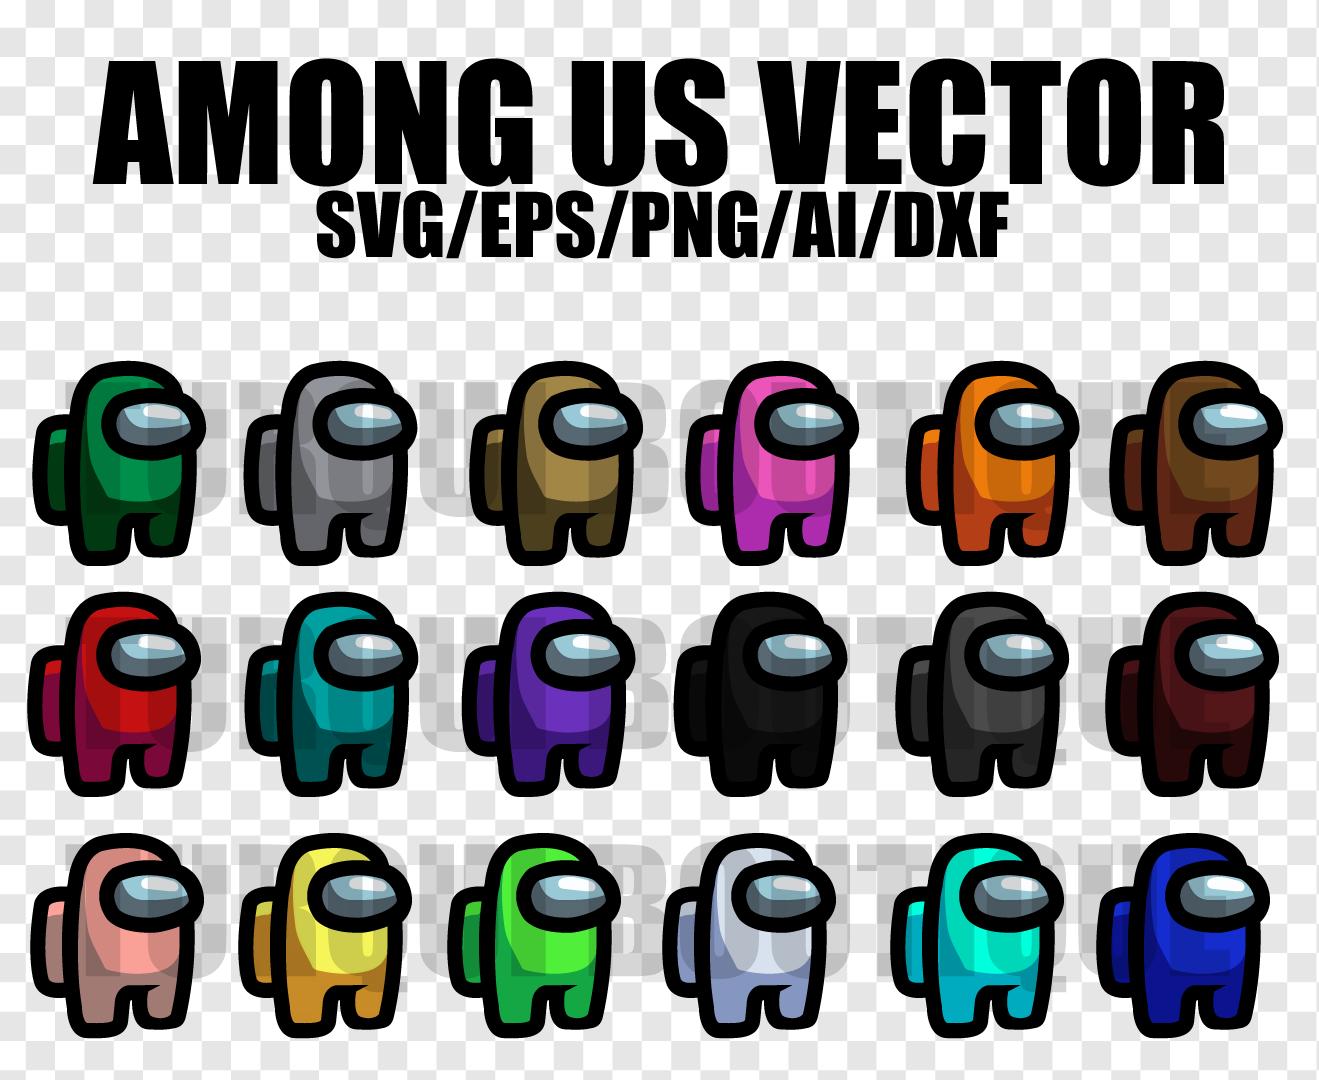 Among Us Vector SVG/DXF/AI, Among Us Print TShirt, Vector